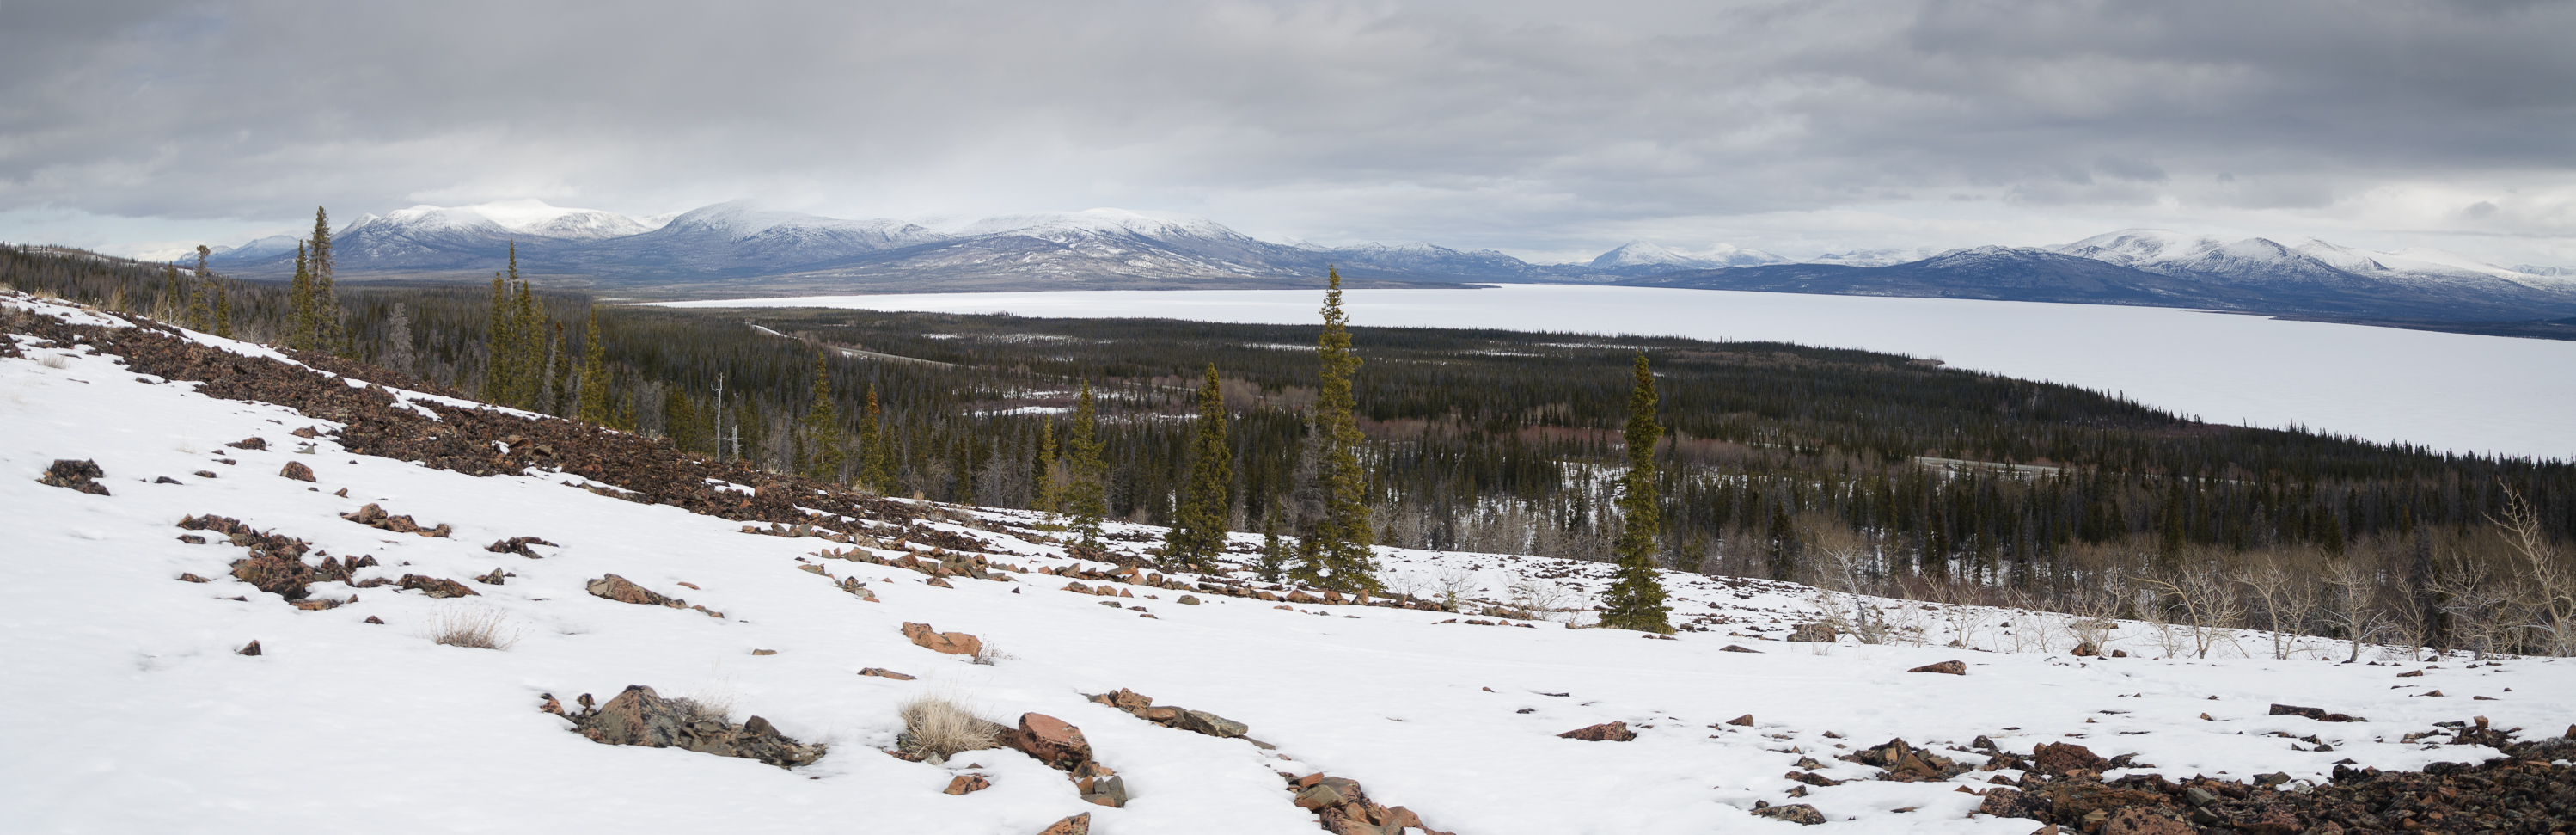 DSC_0783-Panorama